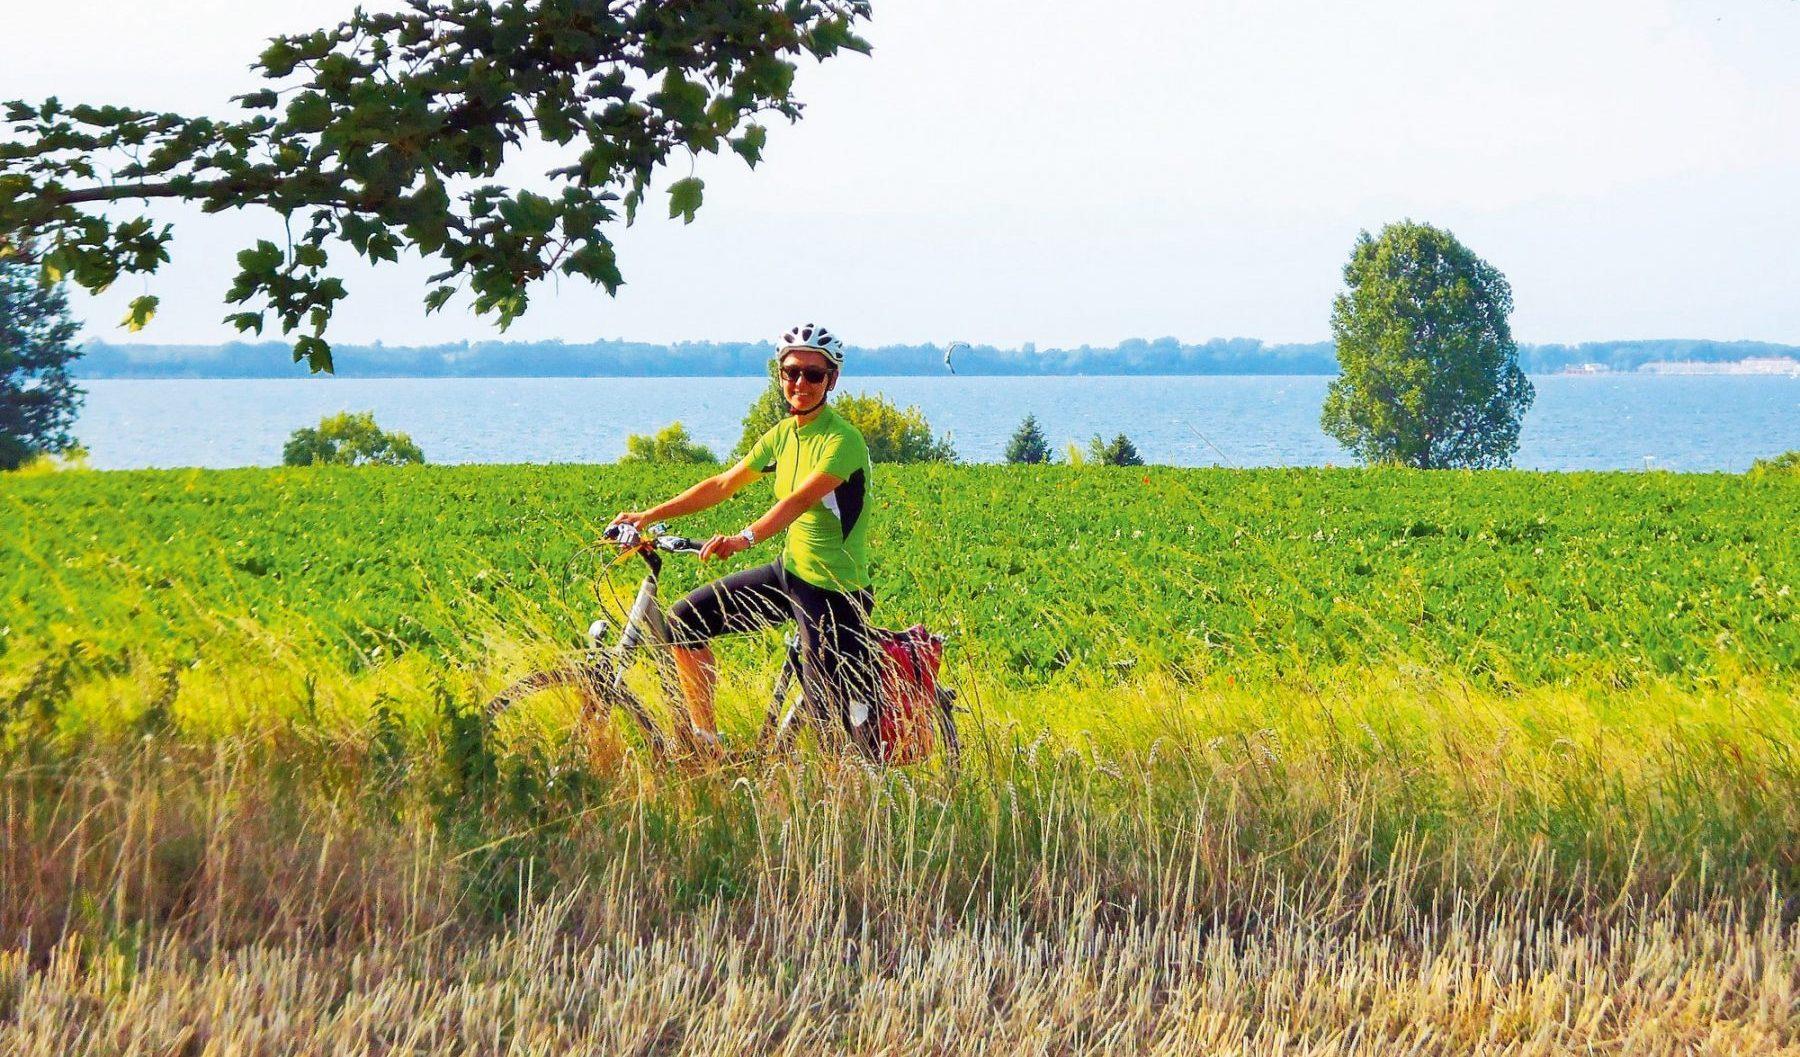 Iloinen nainen pyöräilee pellon laitaa. Taustalla kimmeltää järvi.